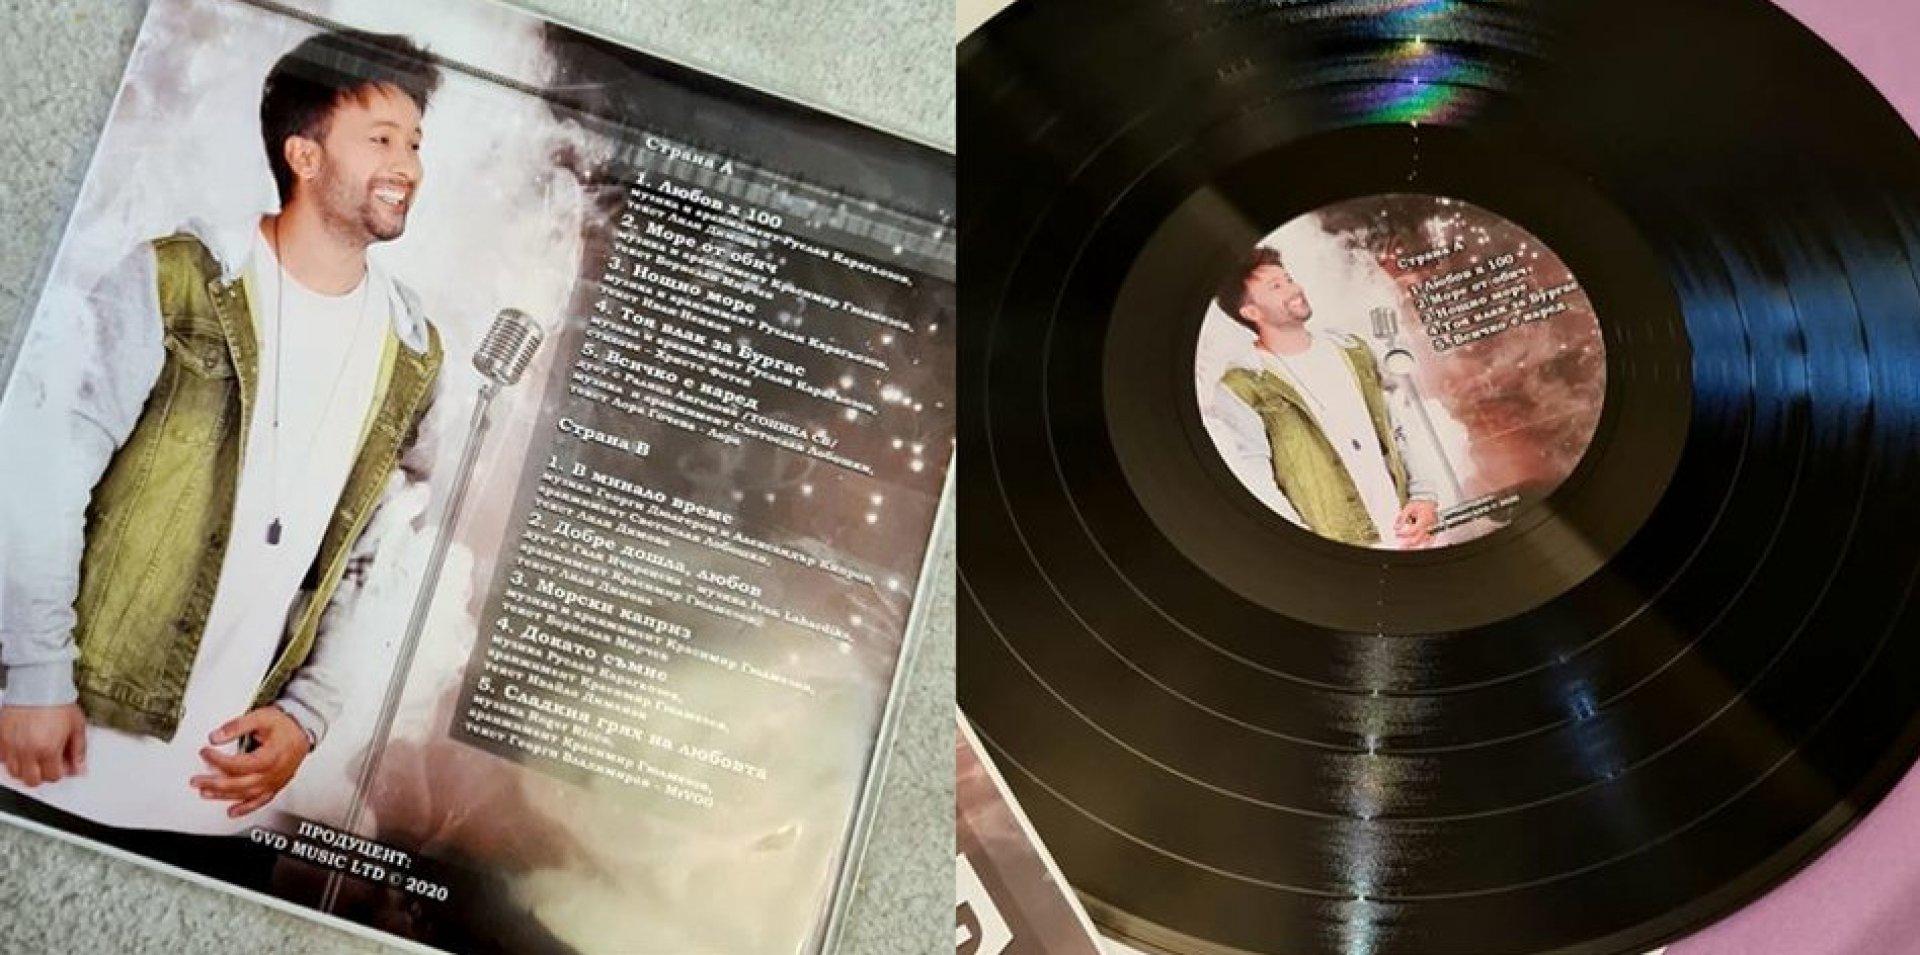 Плочата съдържа 10 от песните от диска Любов x 100